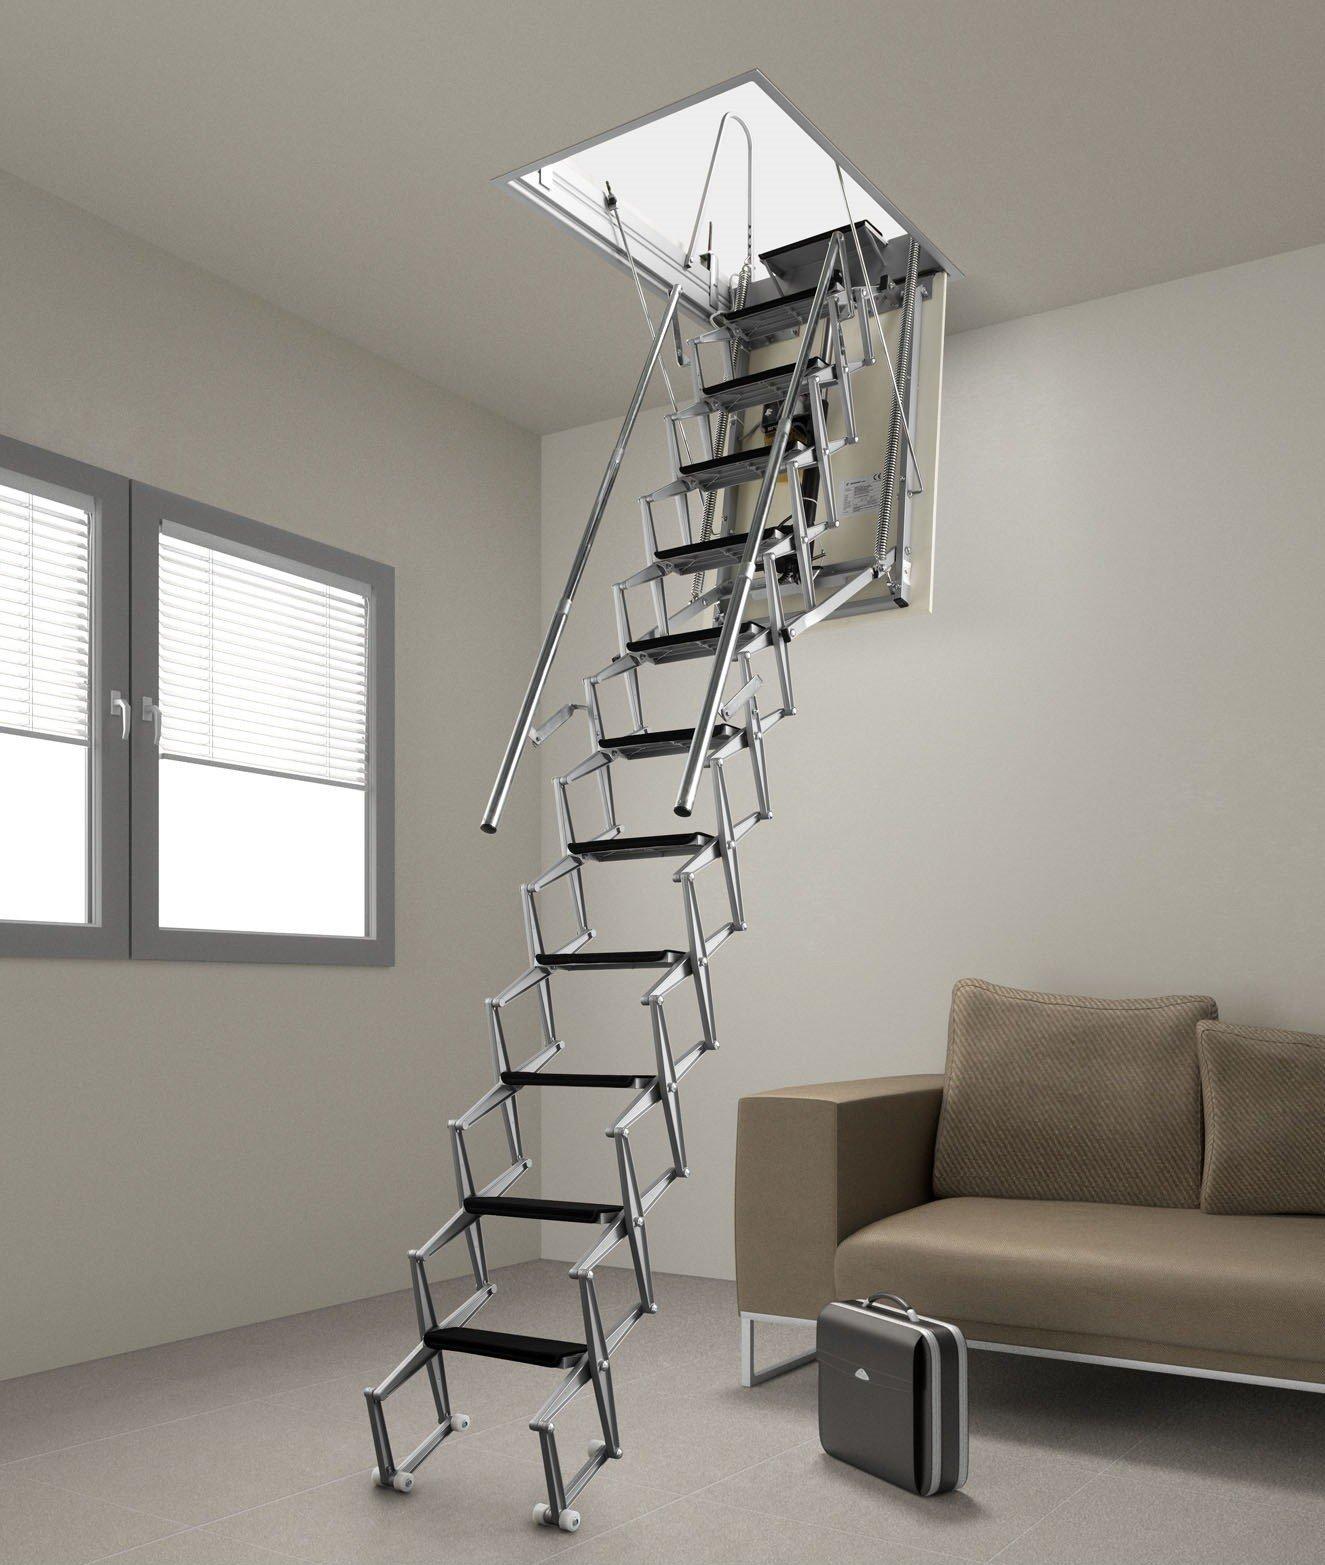 лимонная картинки лестница на чердак проекта уверены, что